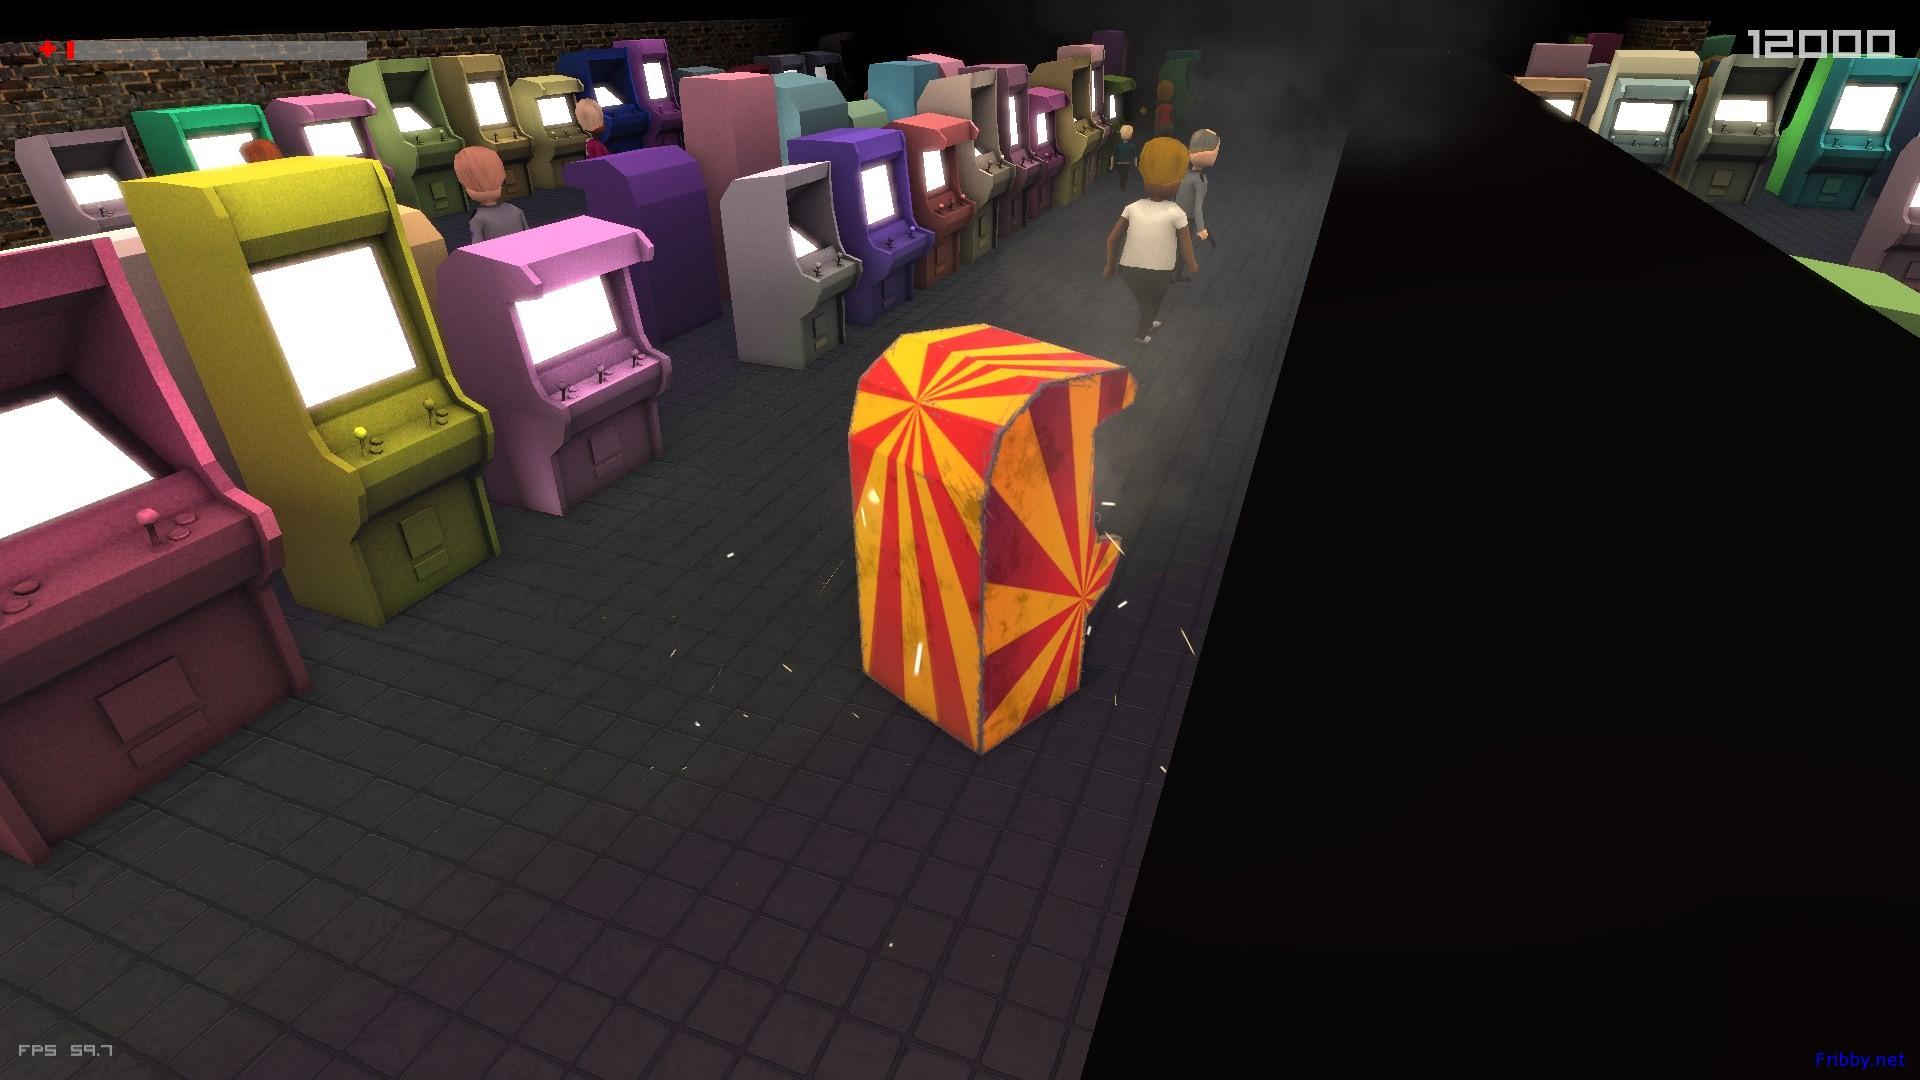 hungry arcade machine